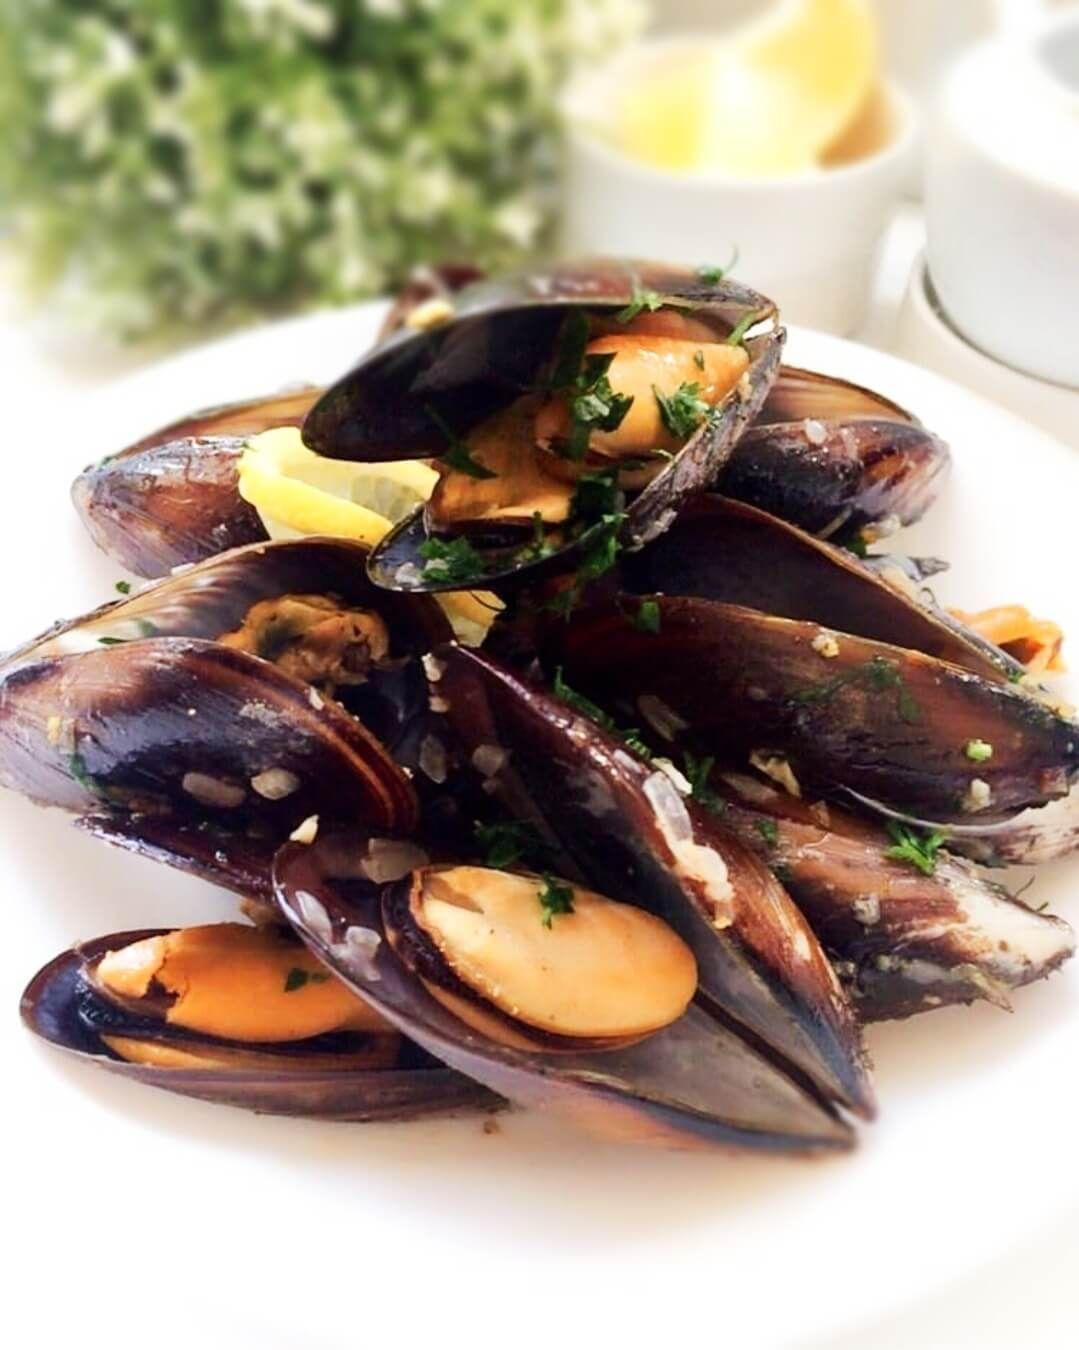 طريقة عمل بلح البحر بزيت الزيتون والثوم أطباق رئيسية Momkitchenista Recipe